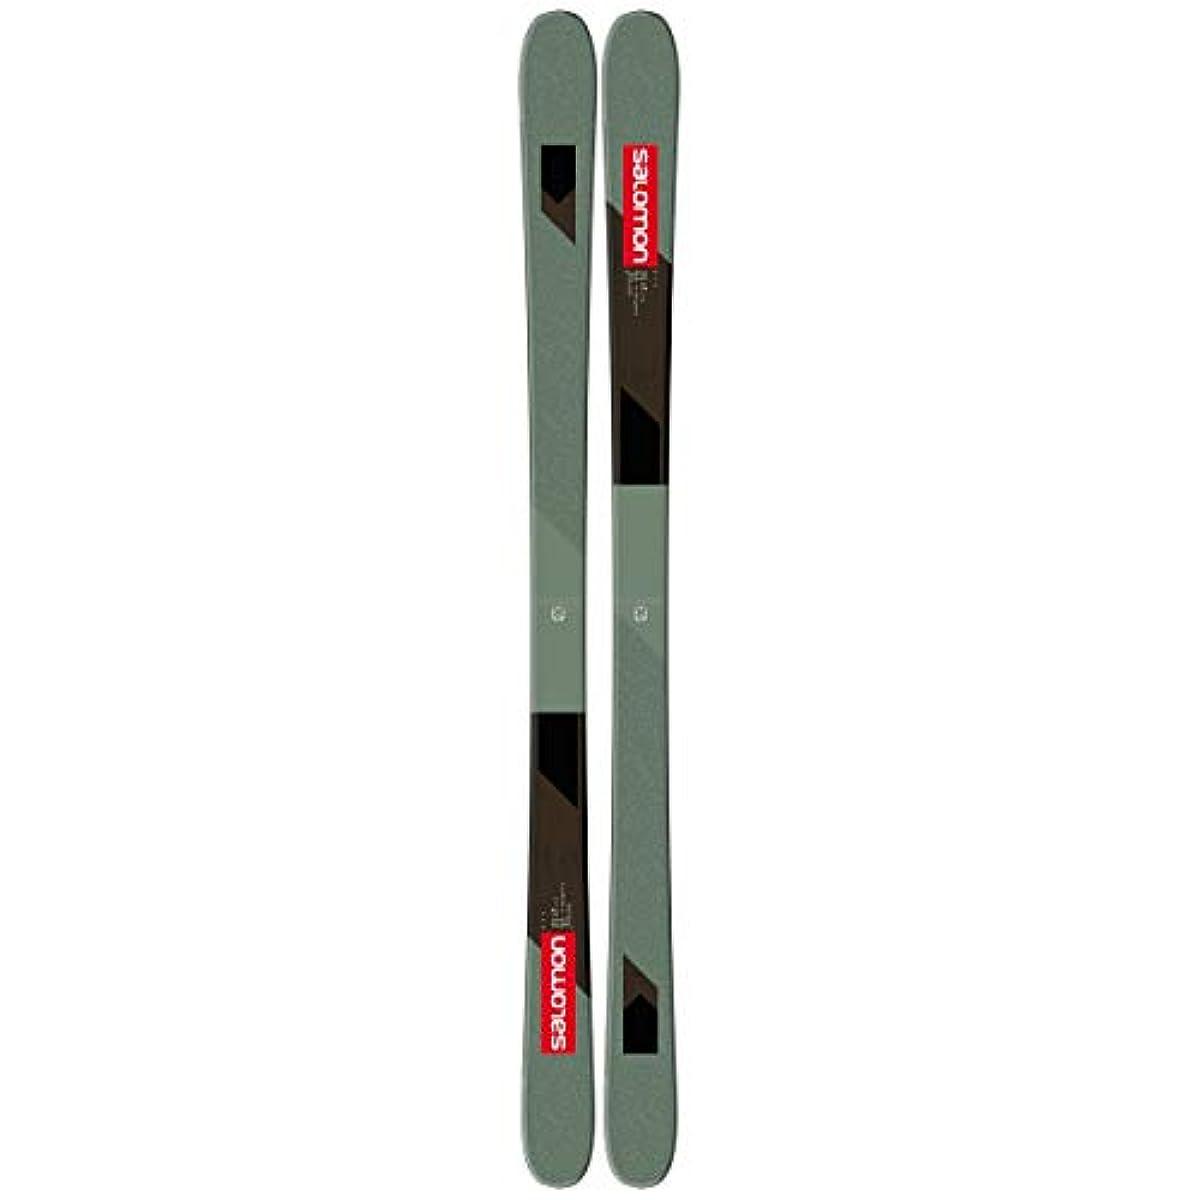 [해외] SALOMON살로몬 살로몬 스키 판 2020 NFX 스키 단품 판 만 N EFF X 19-20 SALOMON 스키 판 SALOMON SKI 2020 【L2】